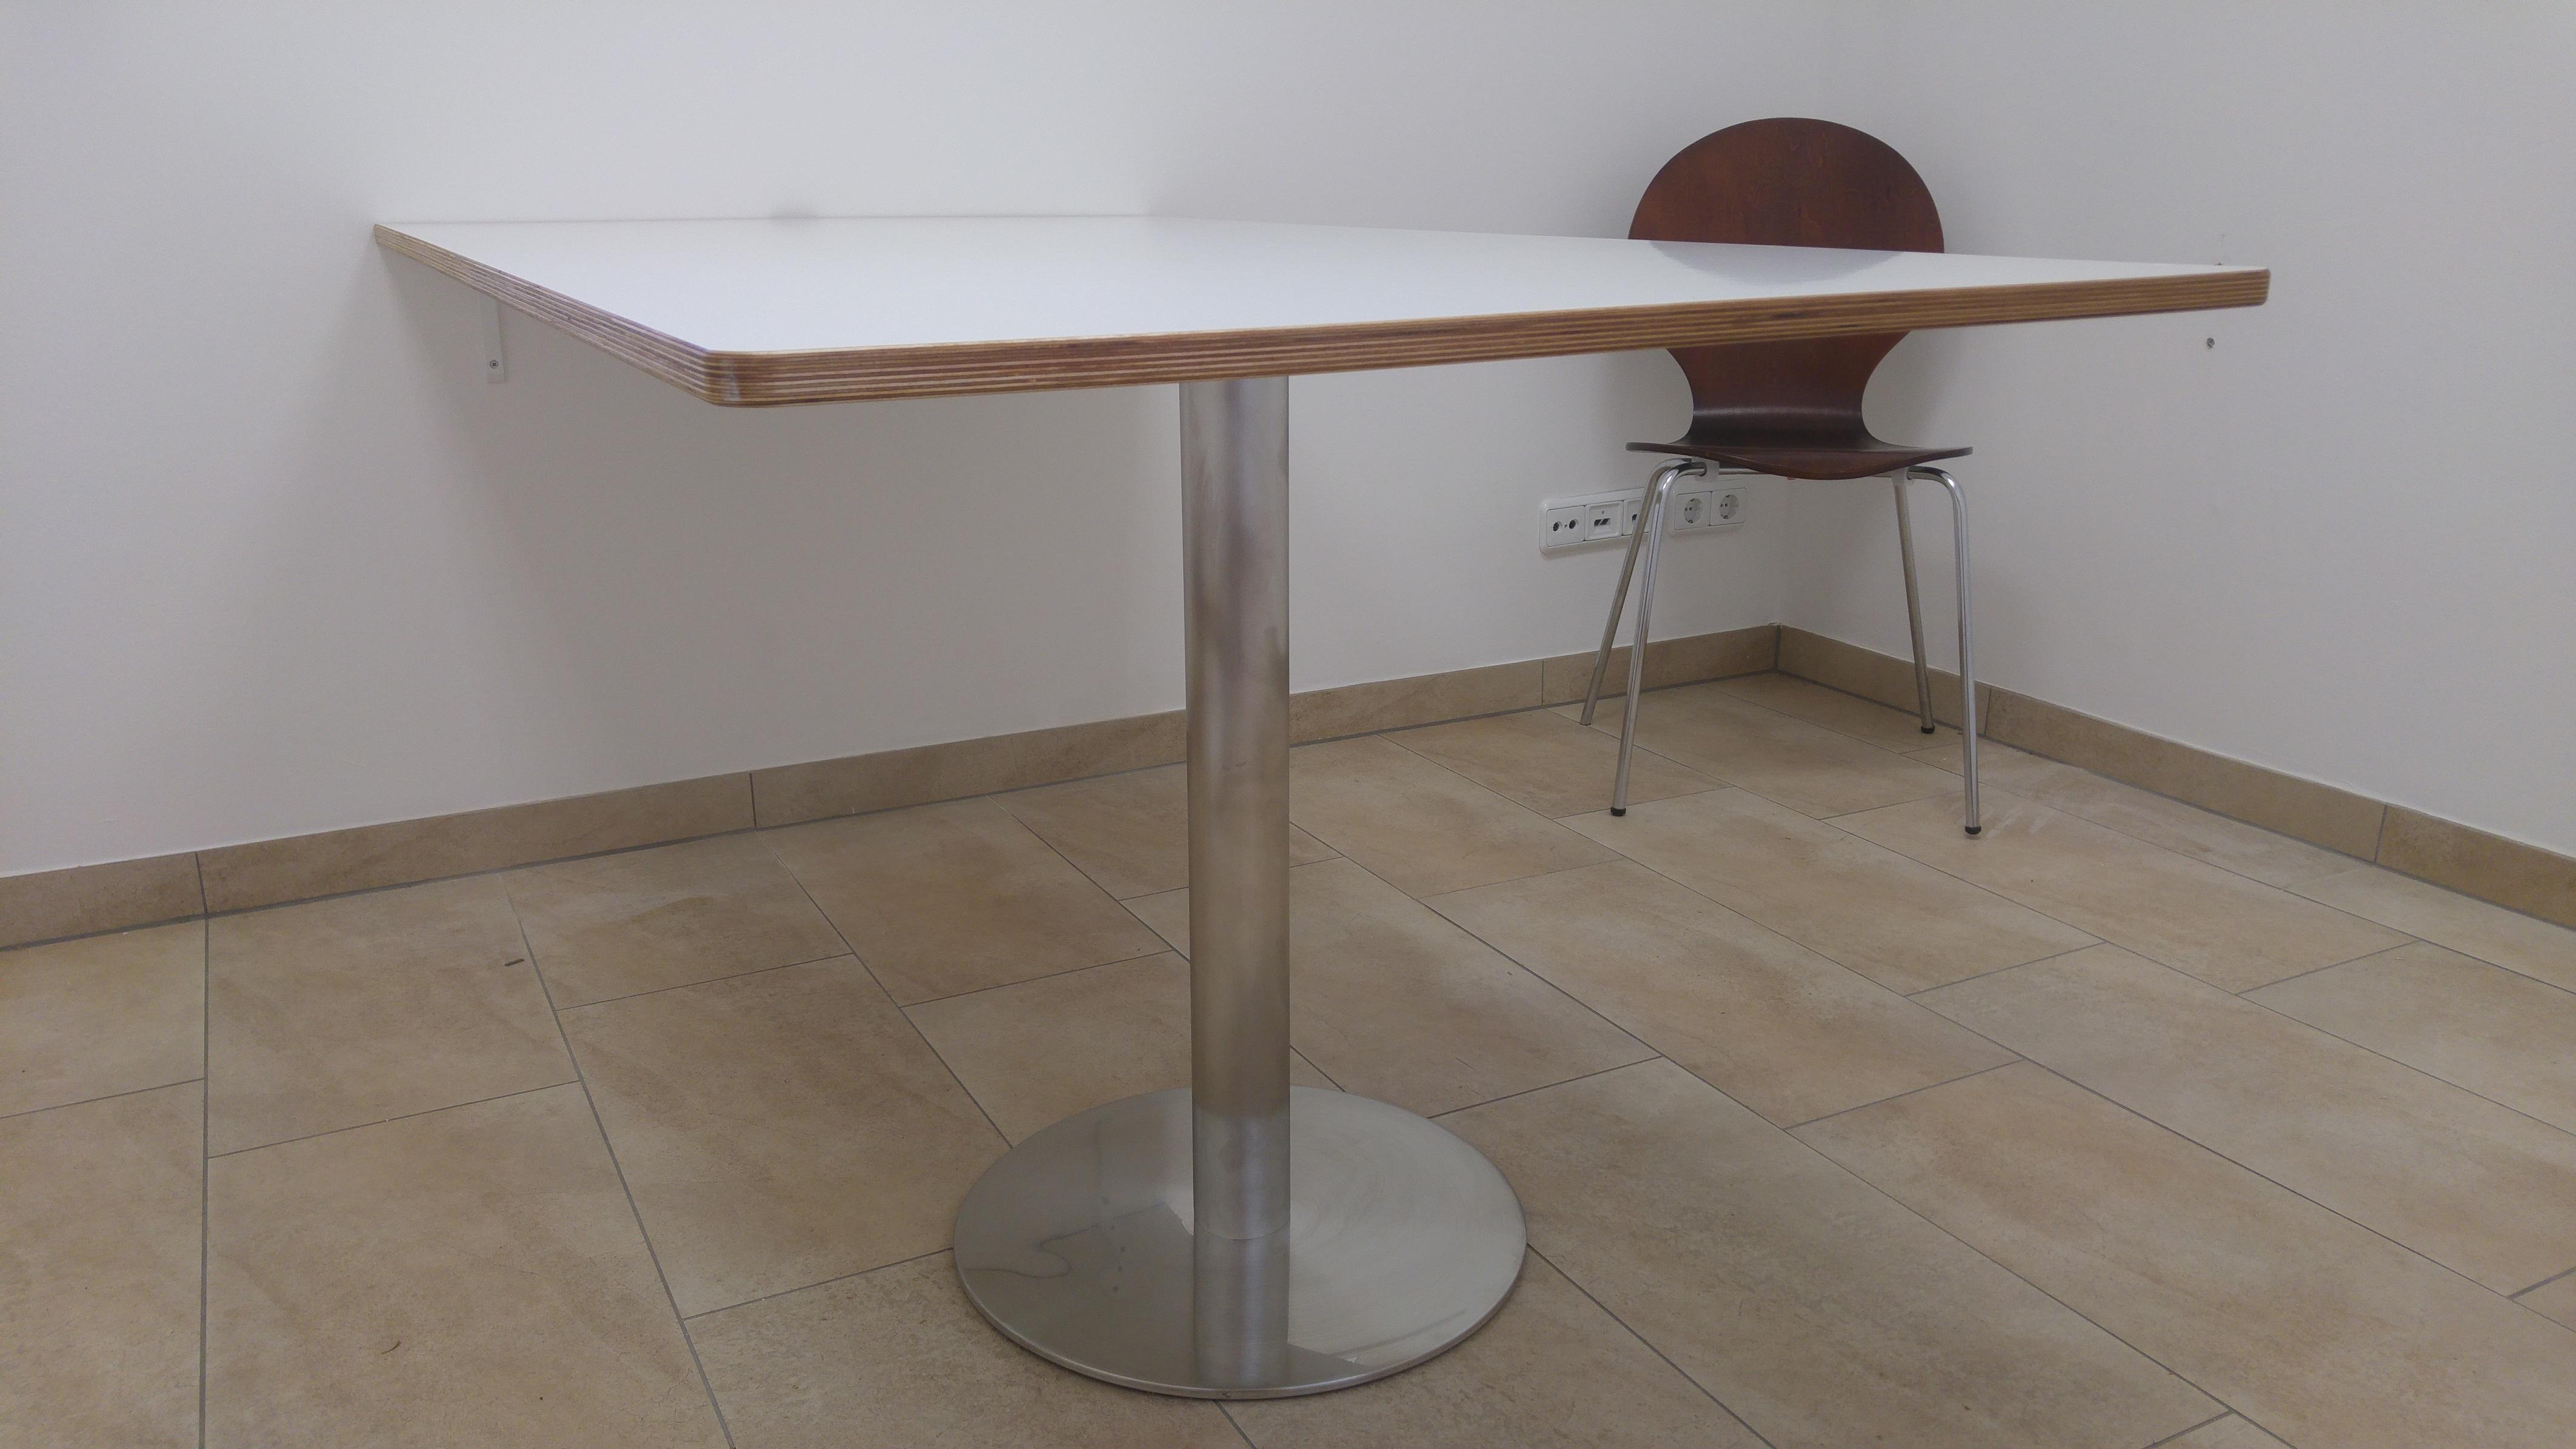 Speerholz by daniel speer kleinm bel dekoartikel cnc for Kleiner konferenztisch